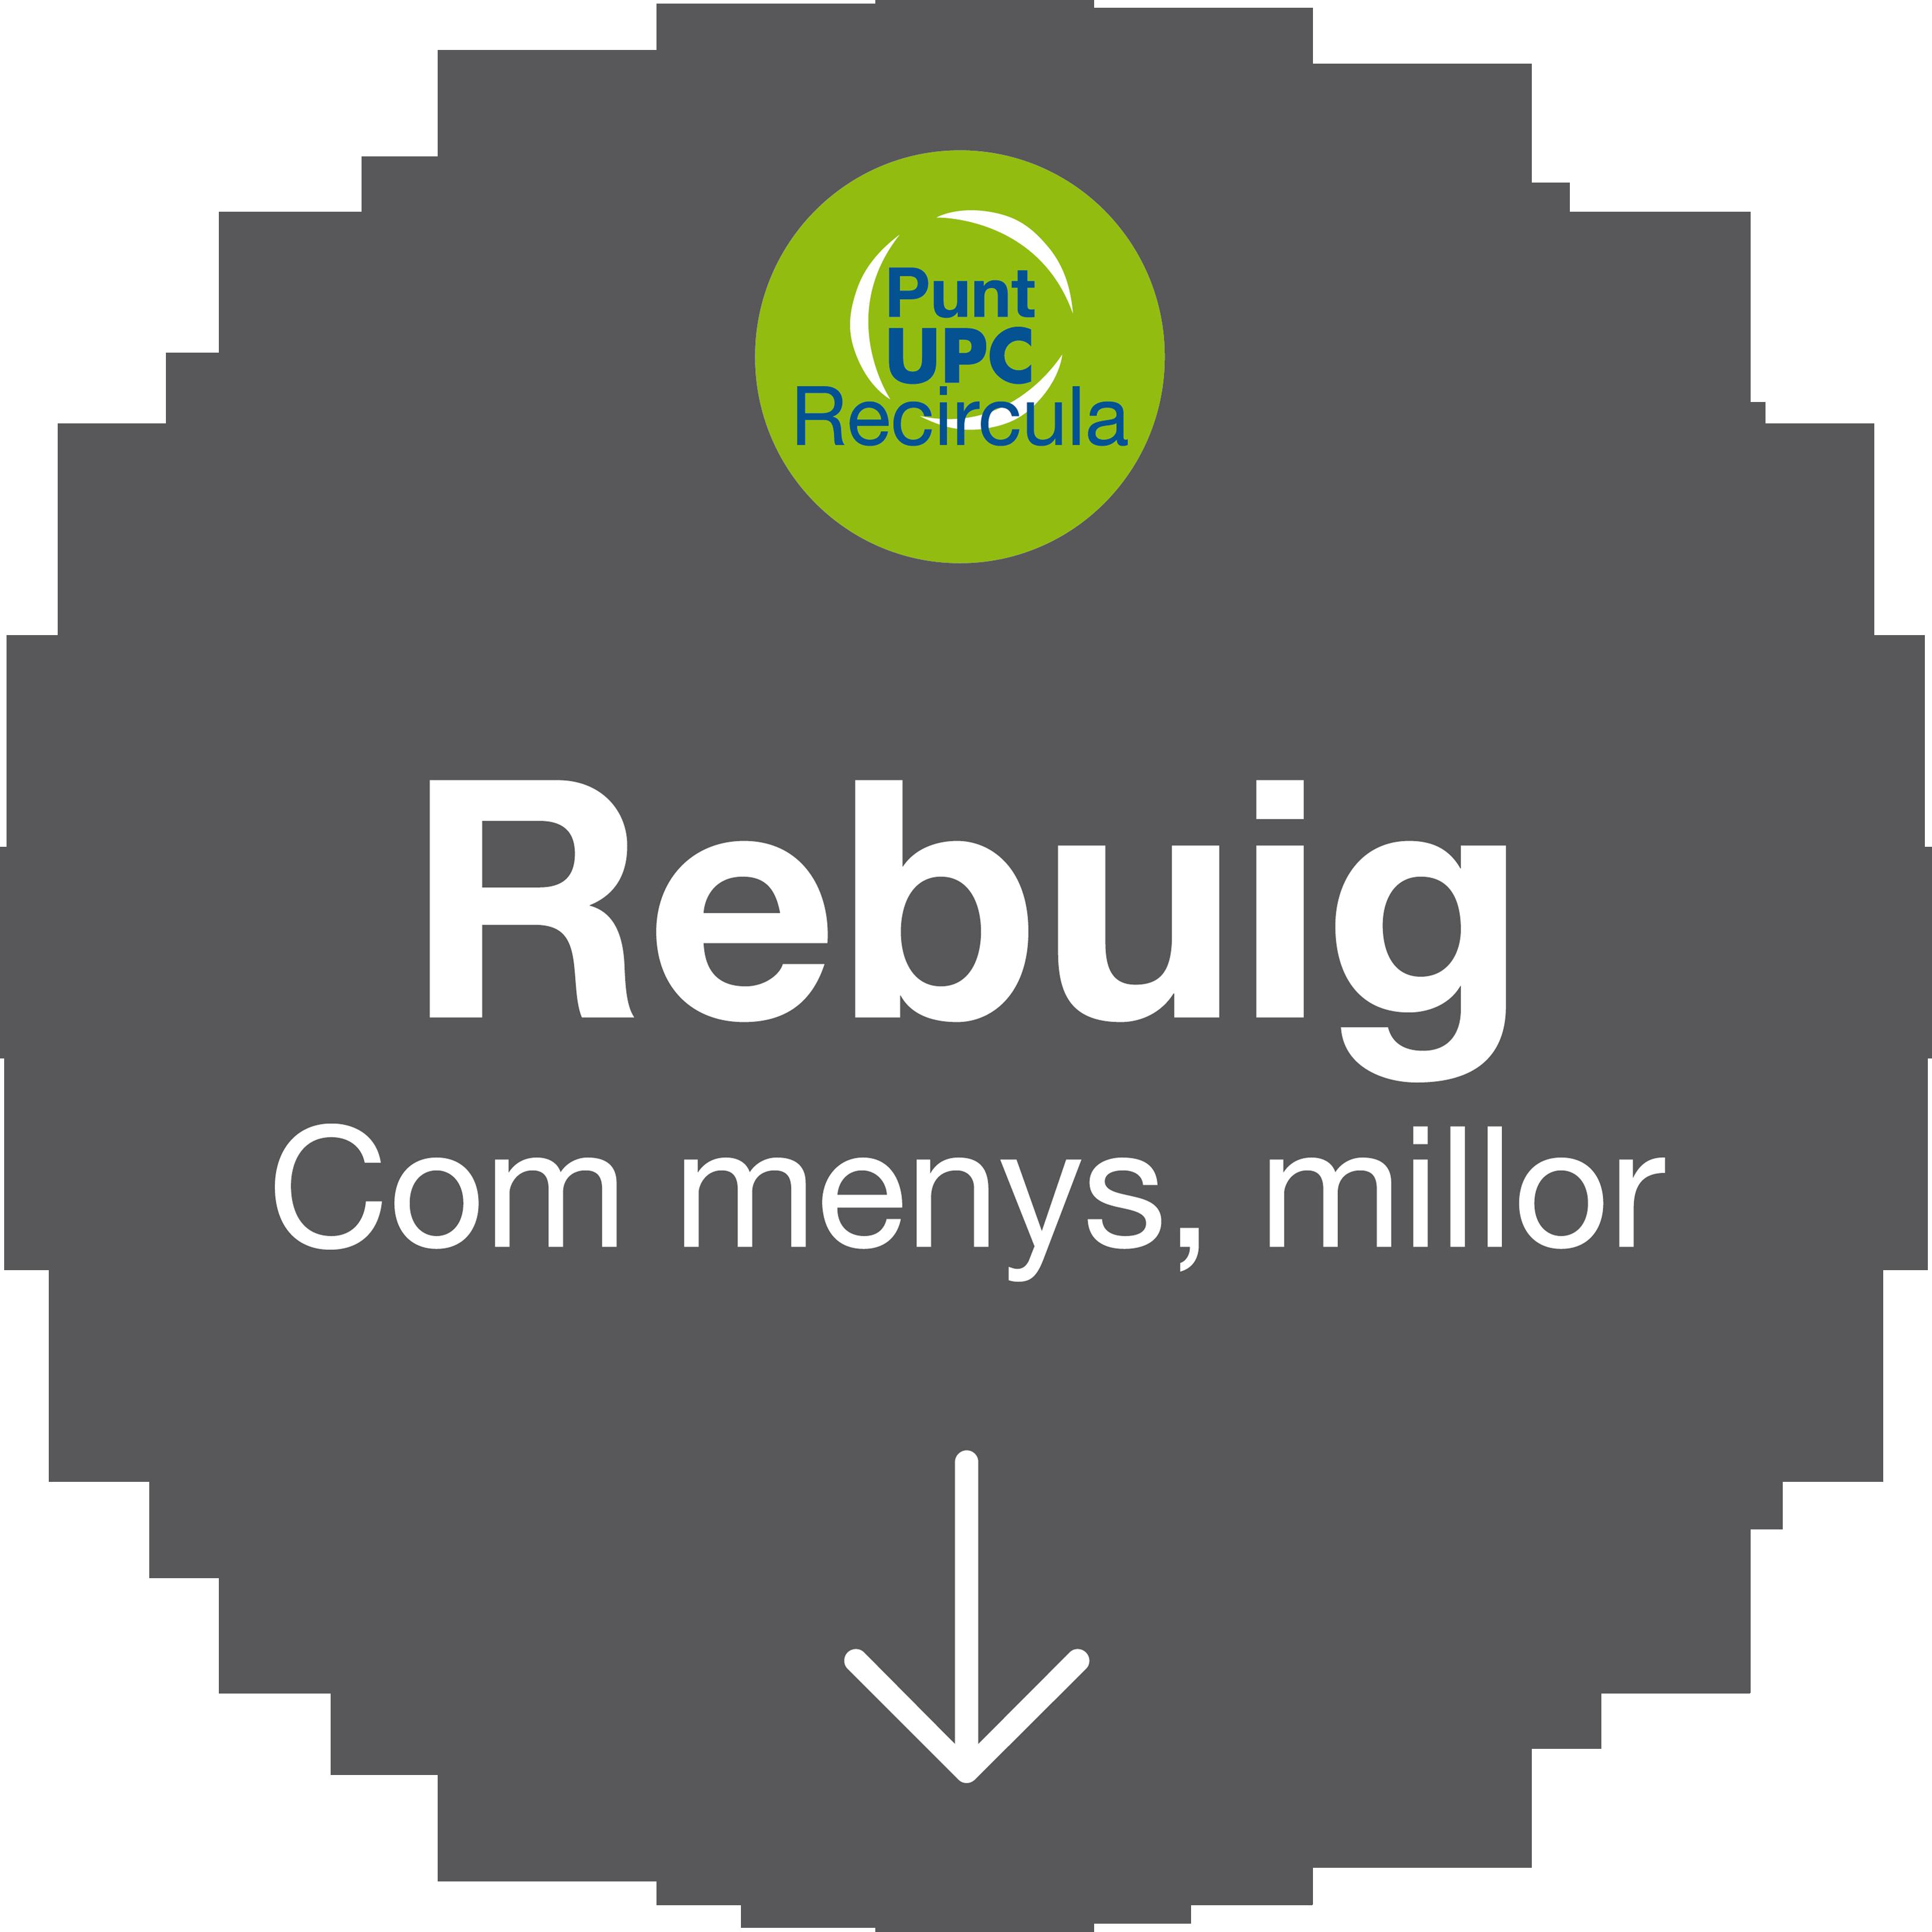 punt-upc-recircula_imatge-punt_rebuig.png